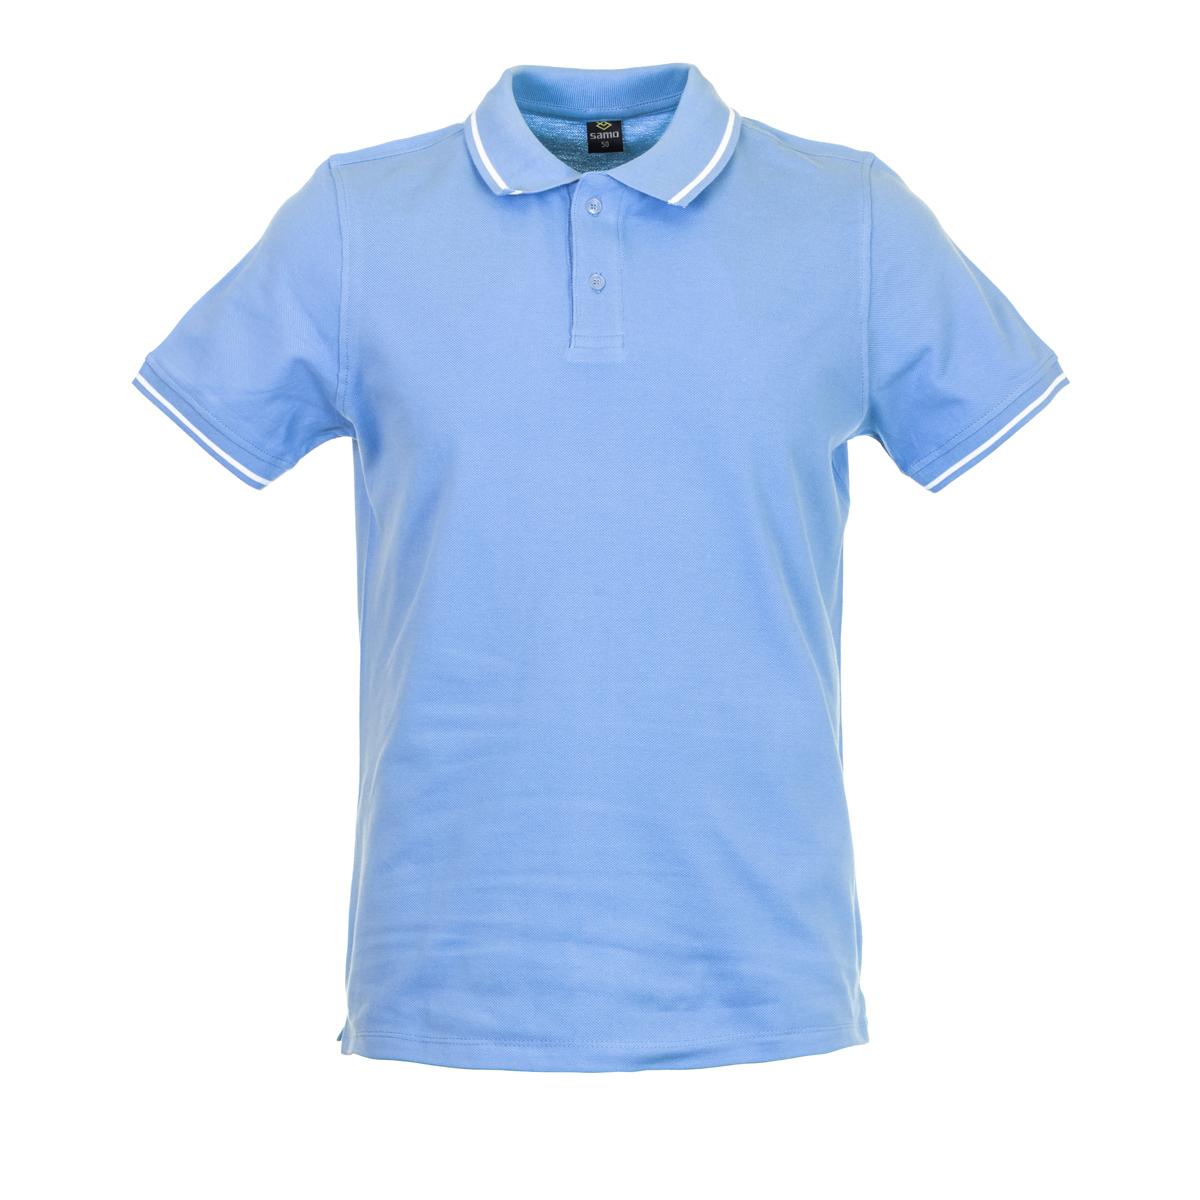 Муж. футболка арт. 04-0061 р. 48Майки и футболки<br>Фактический ОГ: 98 см <br>Фактический ОТ: 96 см <br>Фактический ОБ: 96 см <br>Длина по спинке: 70 см <br>Рост: 178-188 см<br><br>Тип: Муж. футболка<br>Размер: 48<br>Материал: Пике